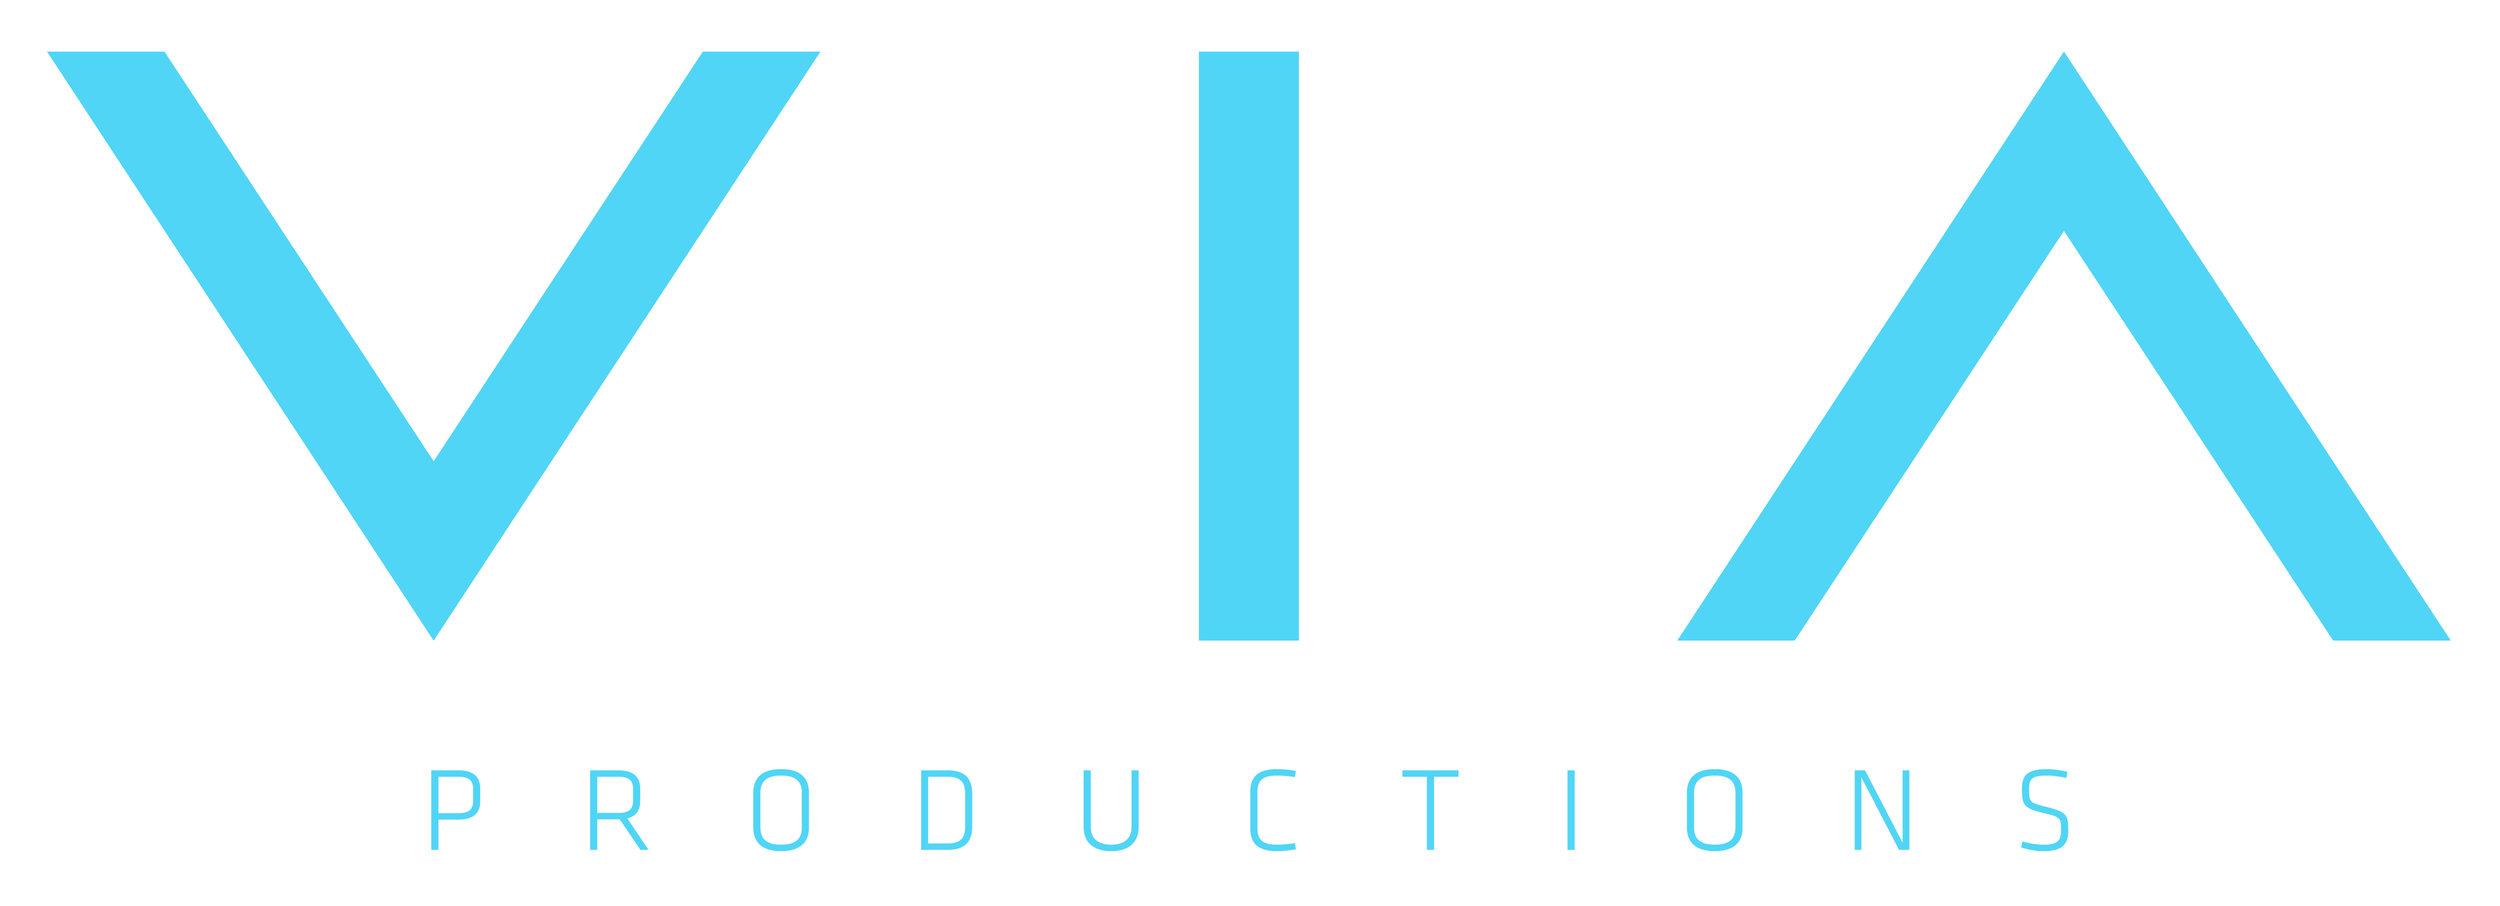 VIA Prod logo copy 2.jpg